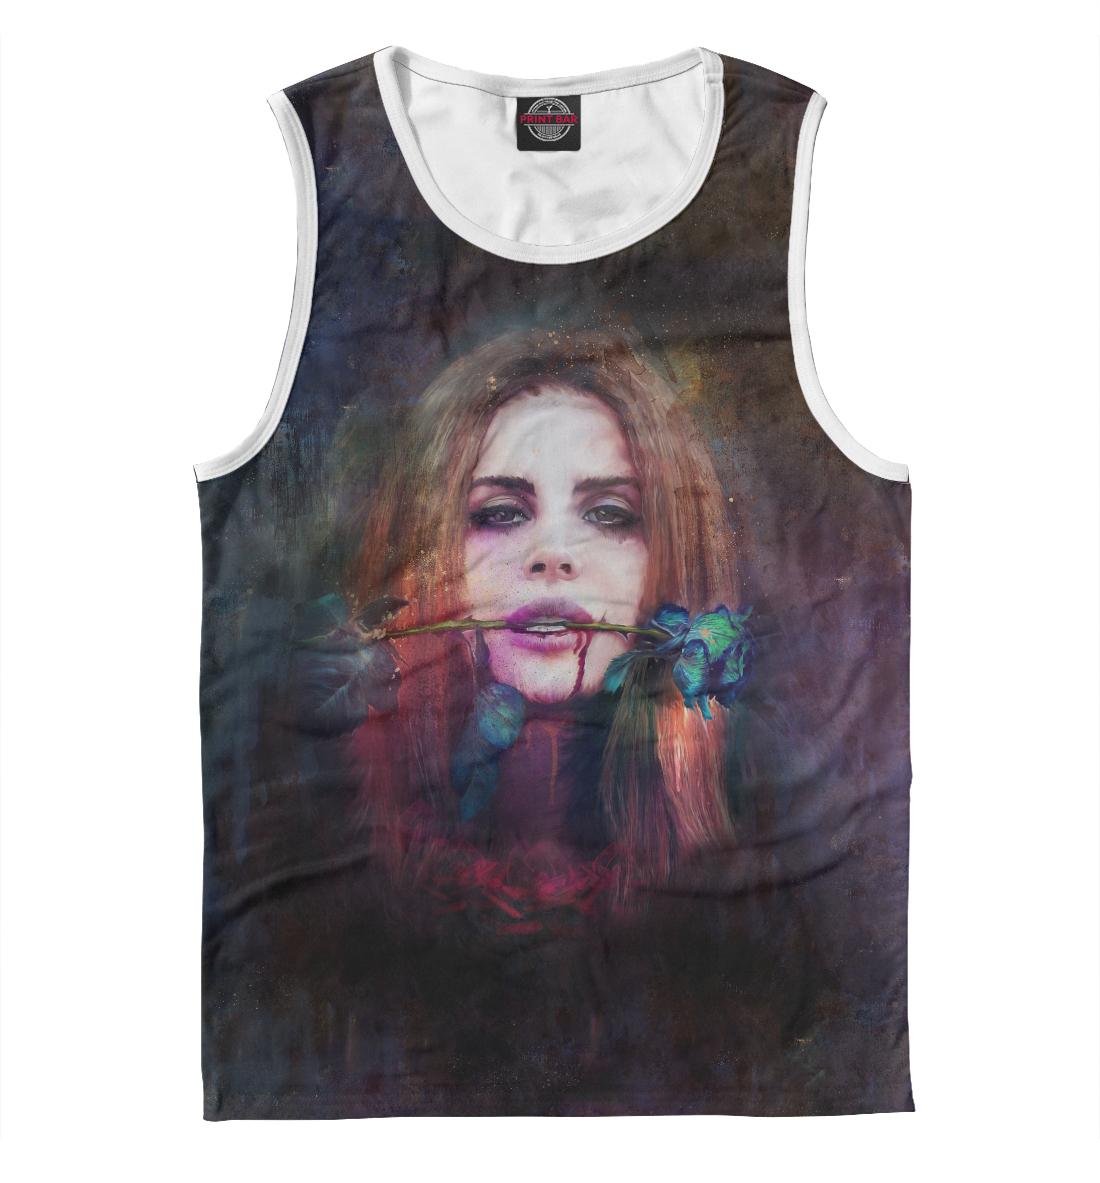 Купить Lana Del Rey, Printbar, Майки, LDR-441220-may-2